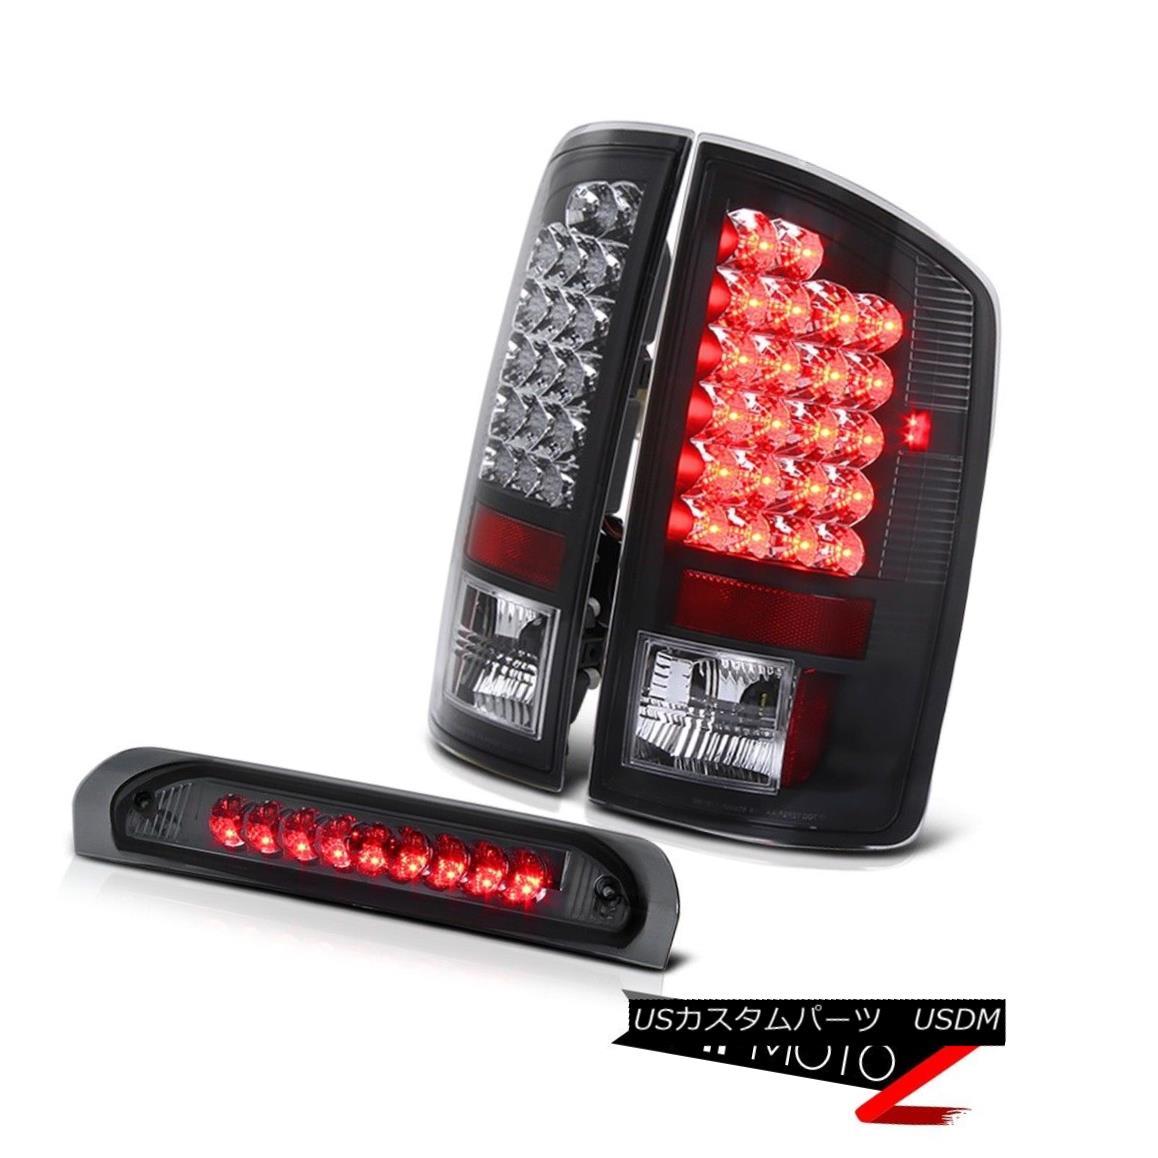 テールライト Dodge RAM 2007-2008 Black LED Diamond Tail Lamp+Smoke LED 3rd Third Brake Light ダッジRAM 2007-2008ブラックLEDダイヤモンドテールランプ+スモークLED第3の第3ブレーキライト